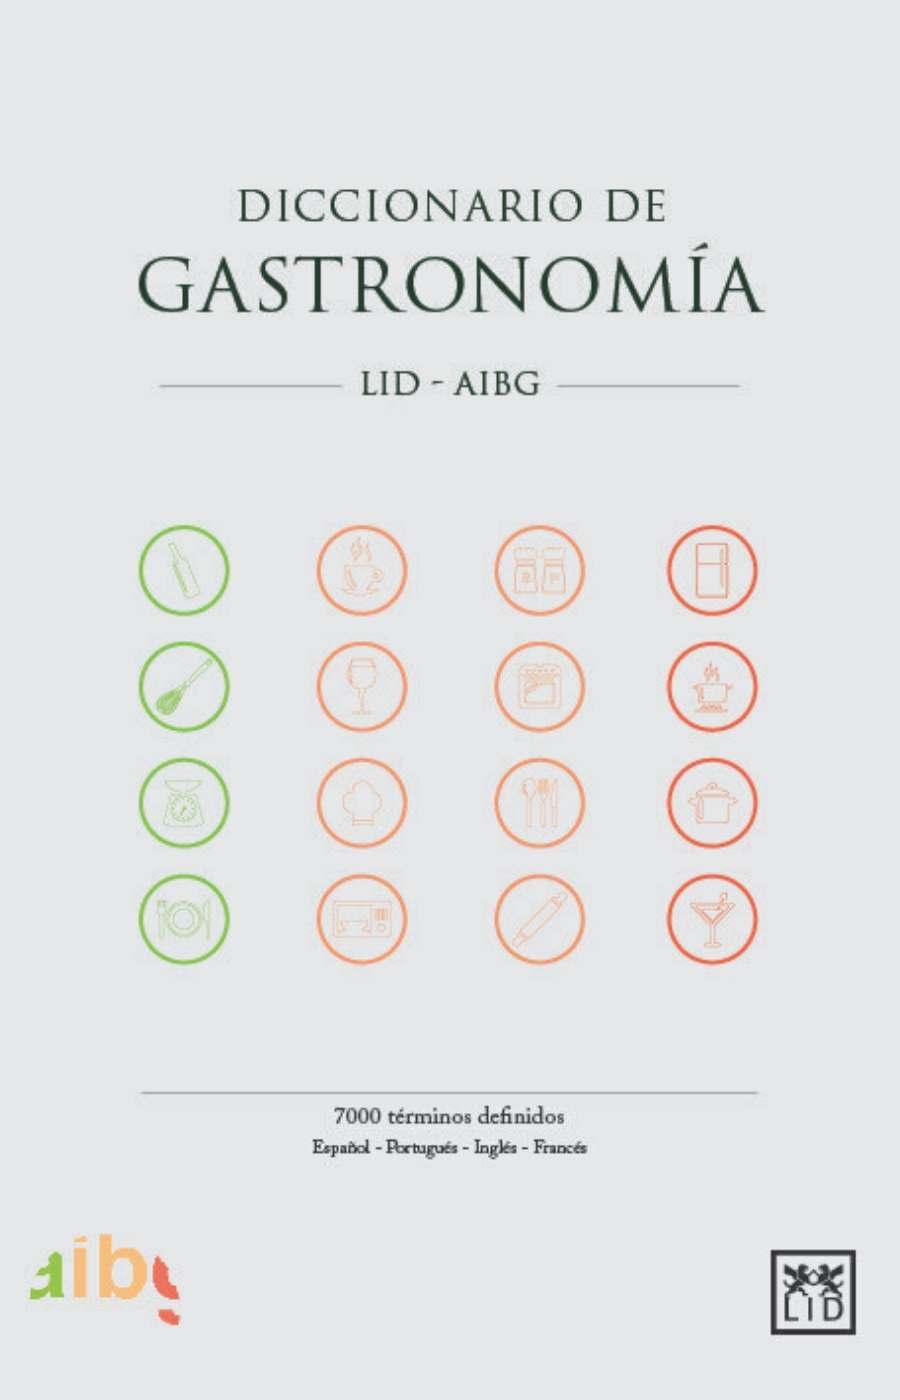 Diccionario de gastronomía 2